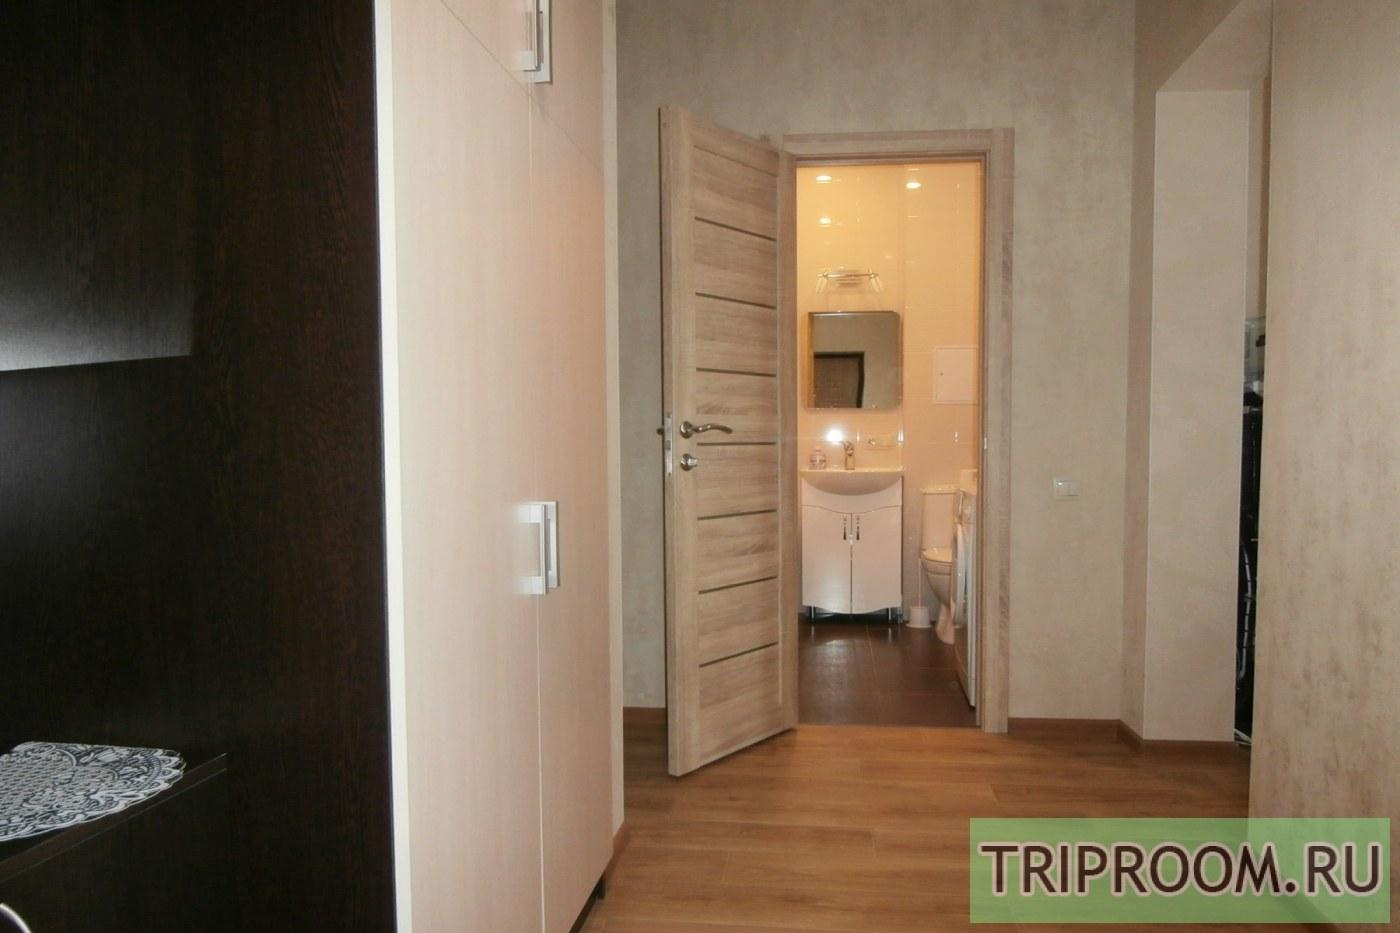 1-комнатная квартира посуточно (вариант № 37778), ул. Крылатый микрорайон, фото № 9